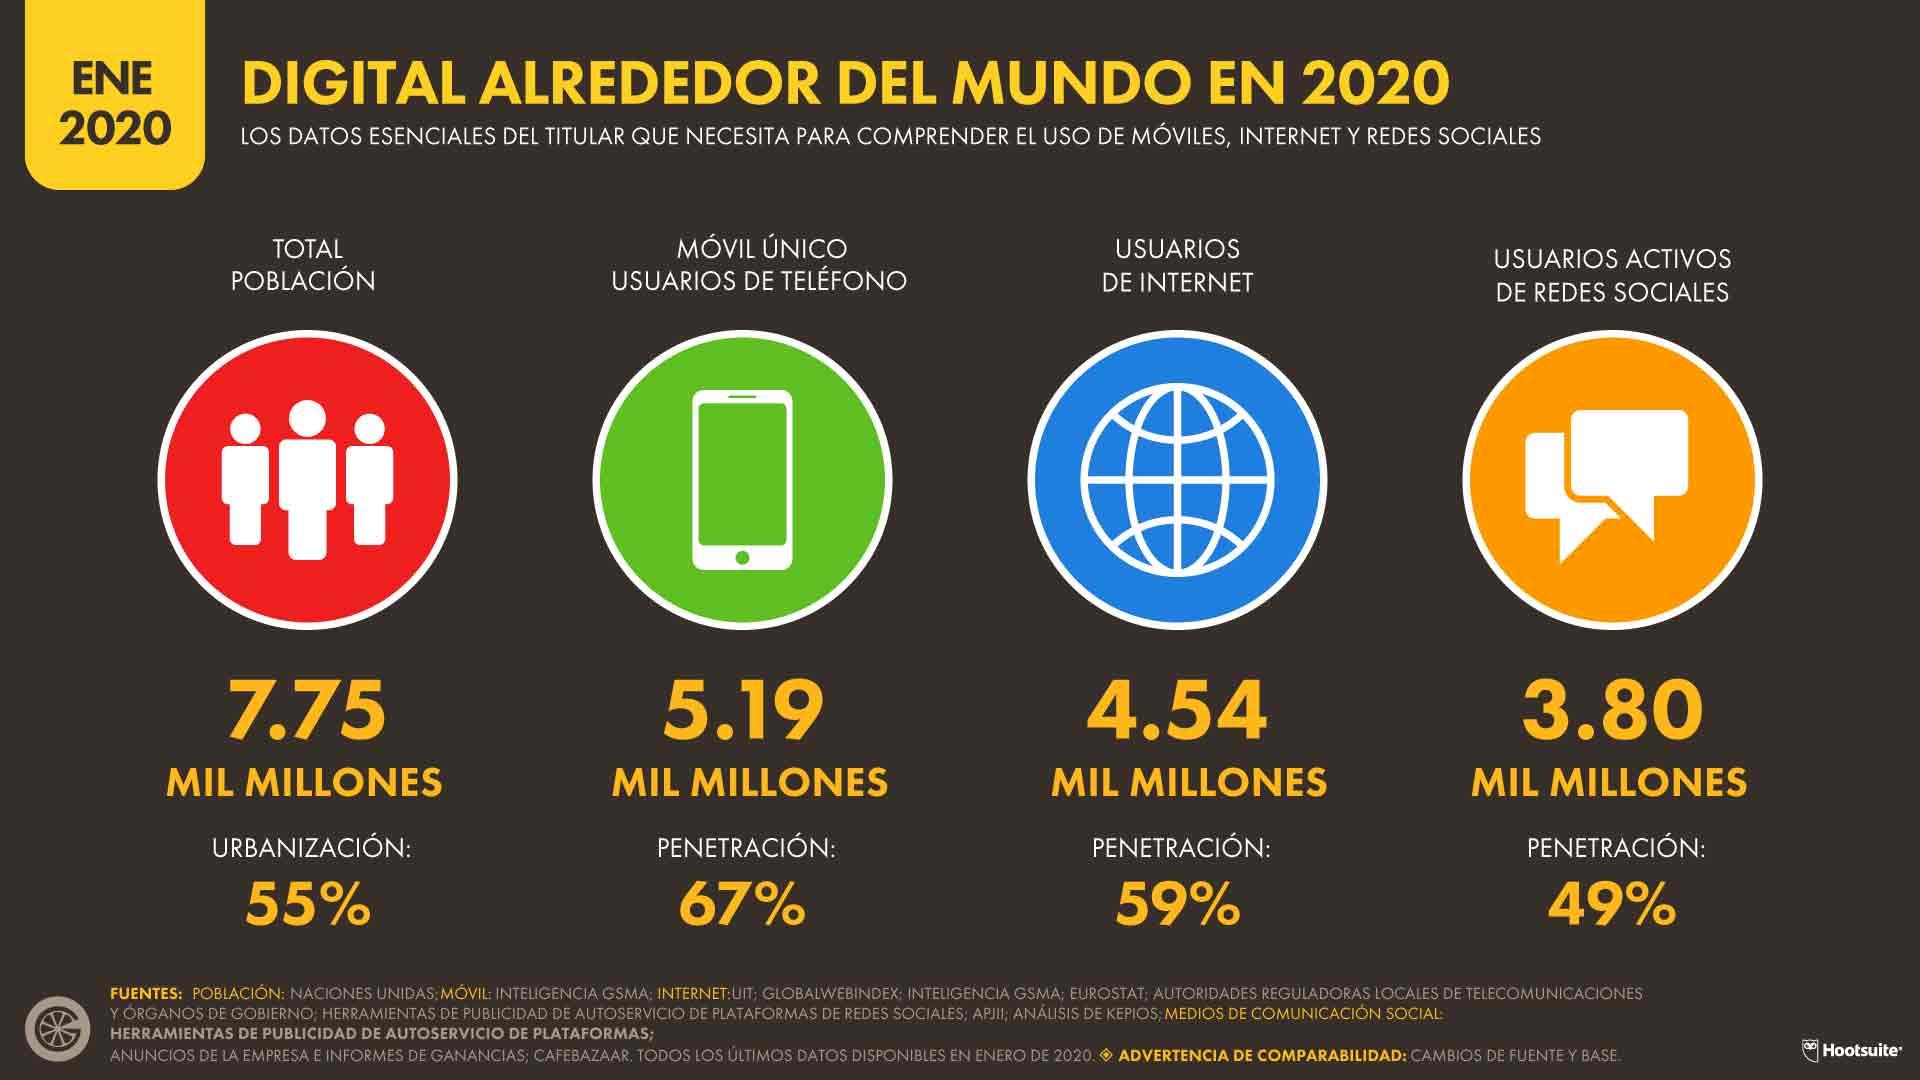 DIGITAL ALREDEDOR DEL MUNDO EN 2020